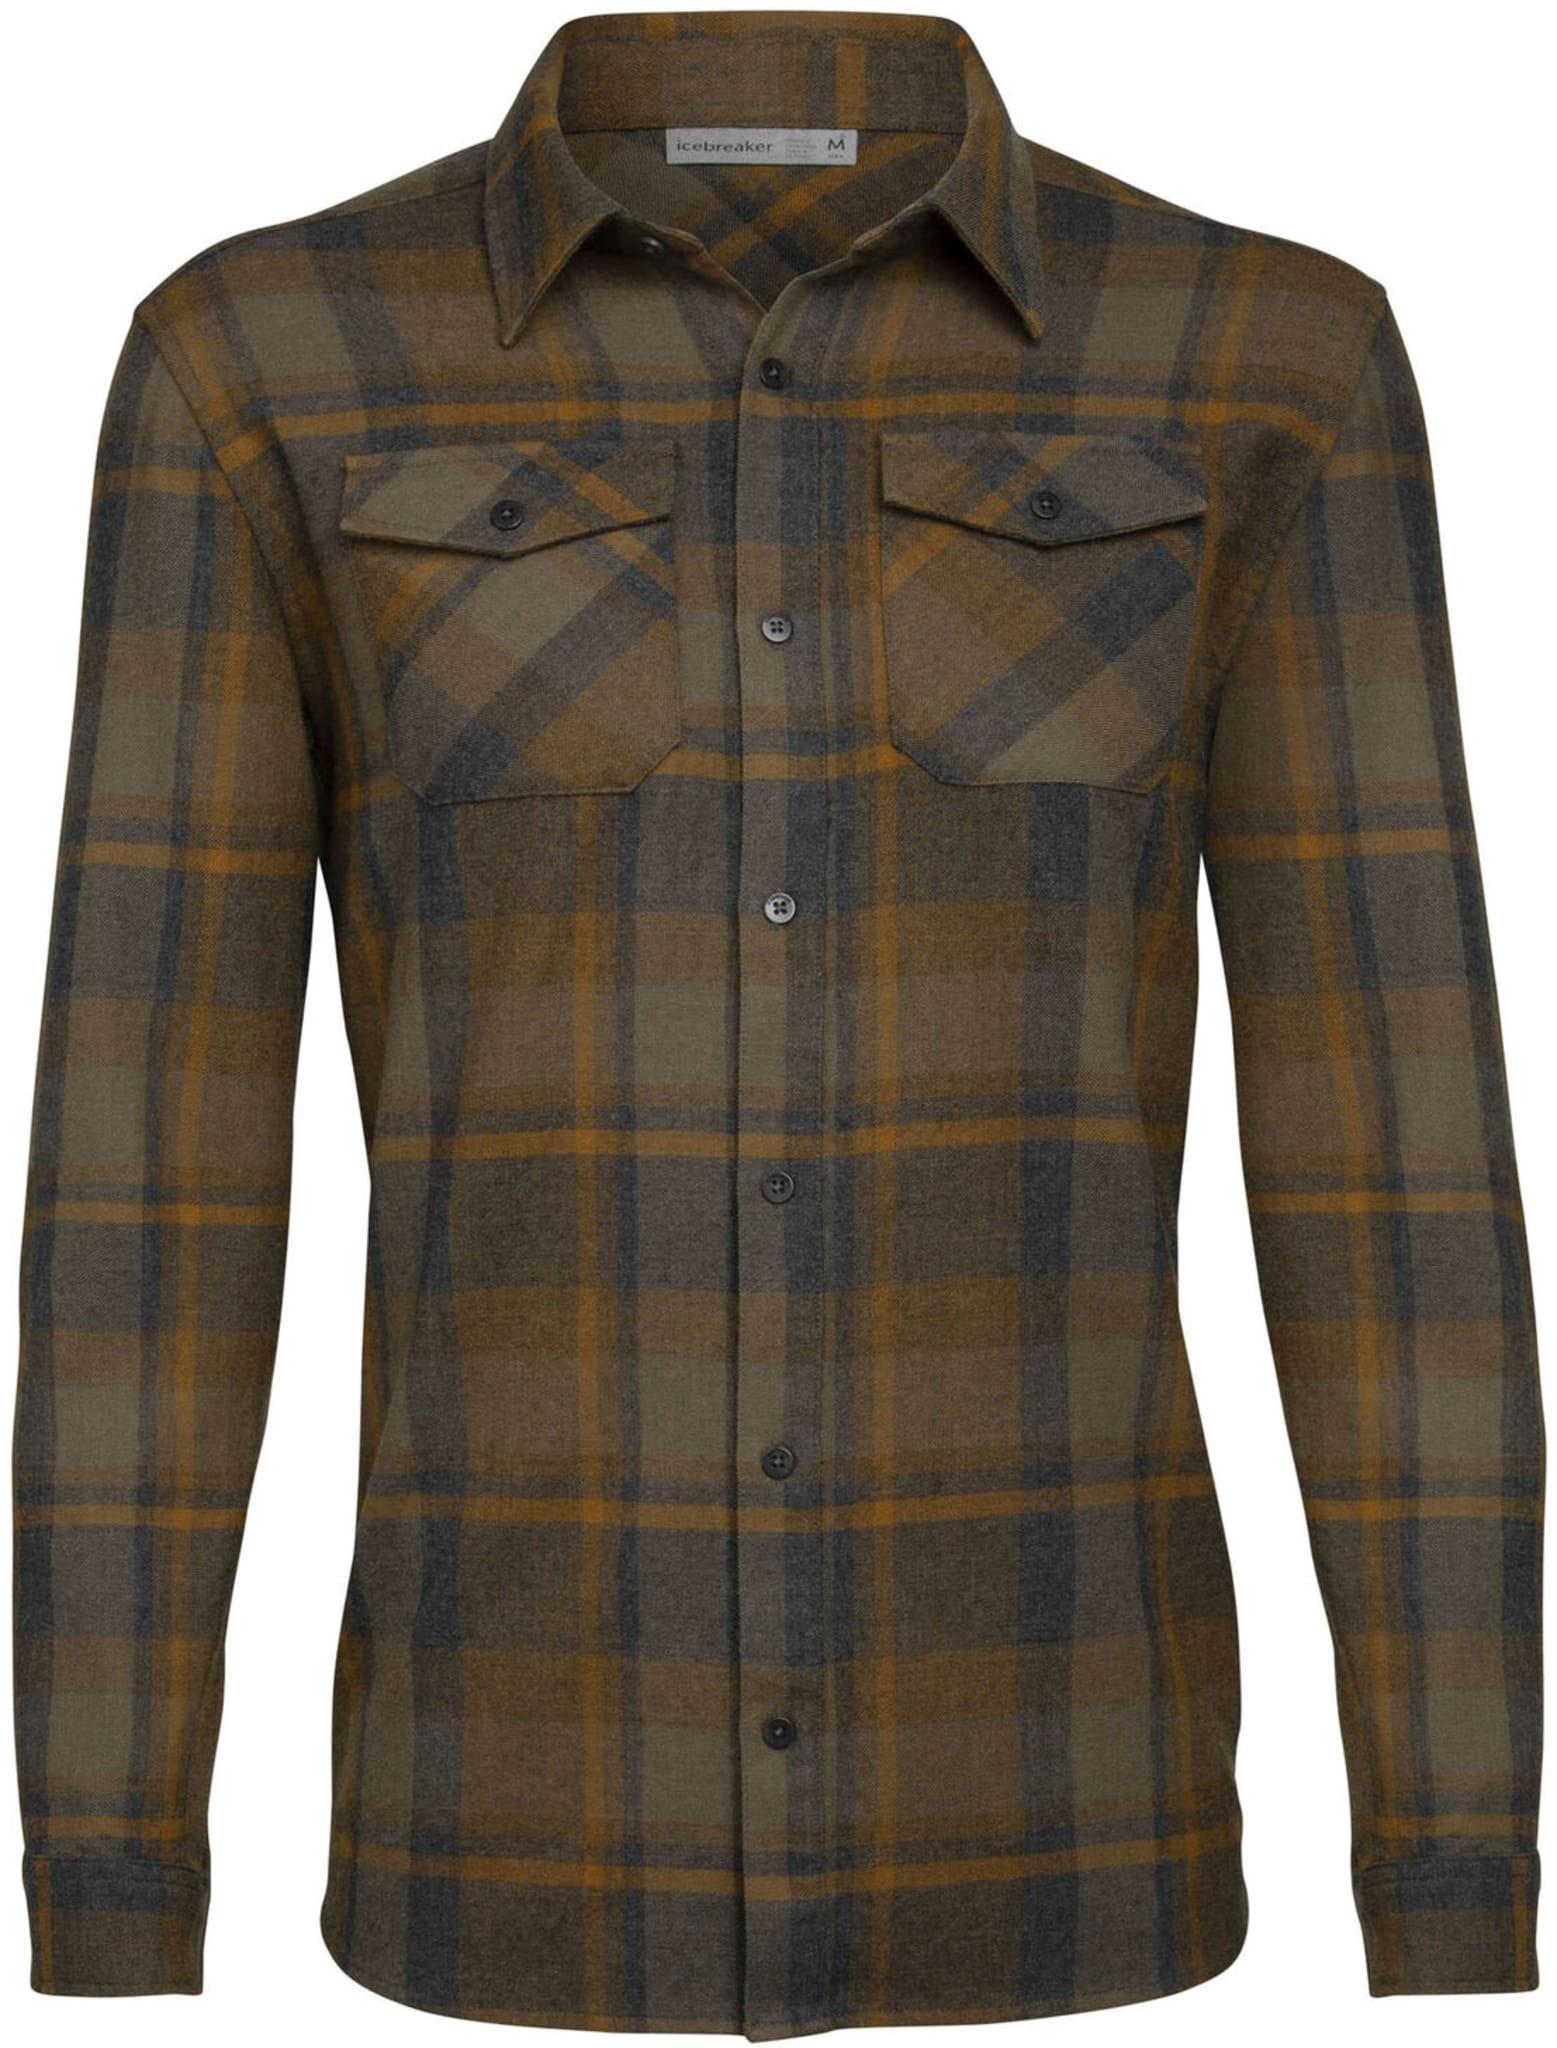 Skjorte i merinoull for deg som skal kun ha et plagg til hverdag, tur og fest